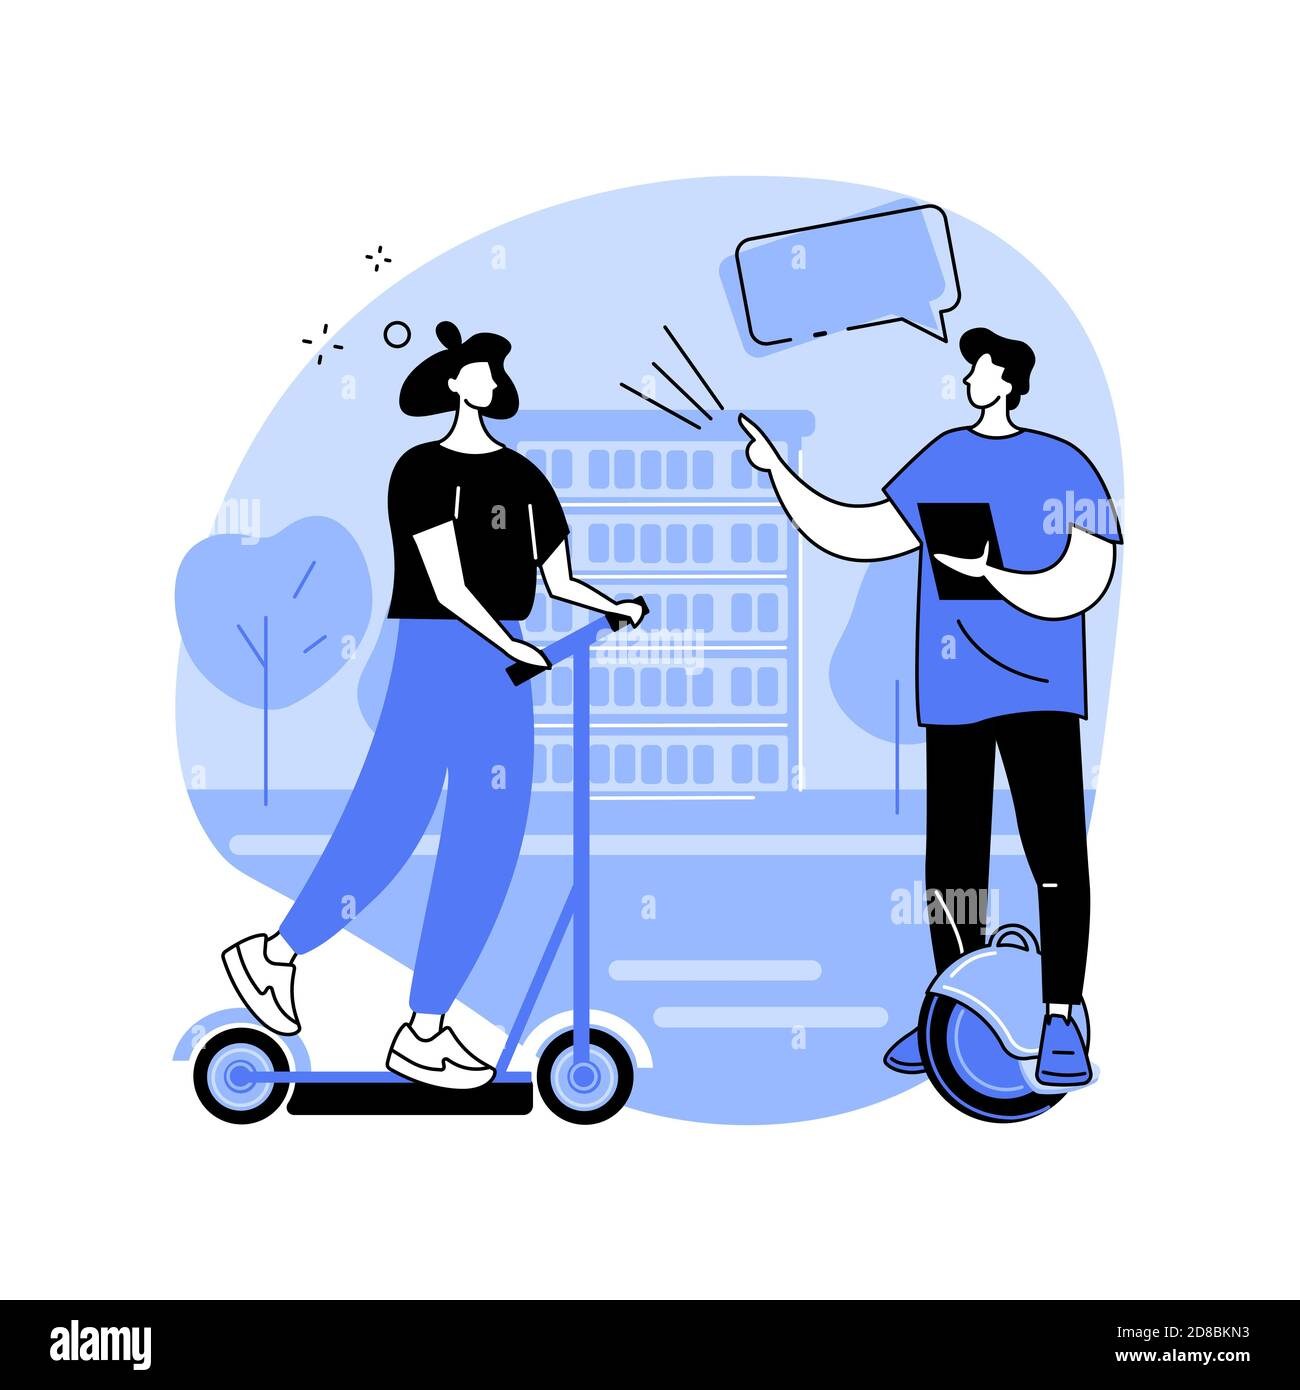 Transport électrique urbain concept abstrait illustration vectorielle. Illustration de Vecteur